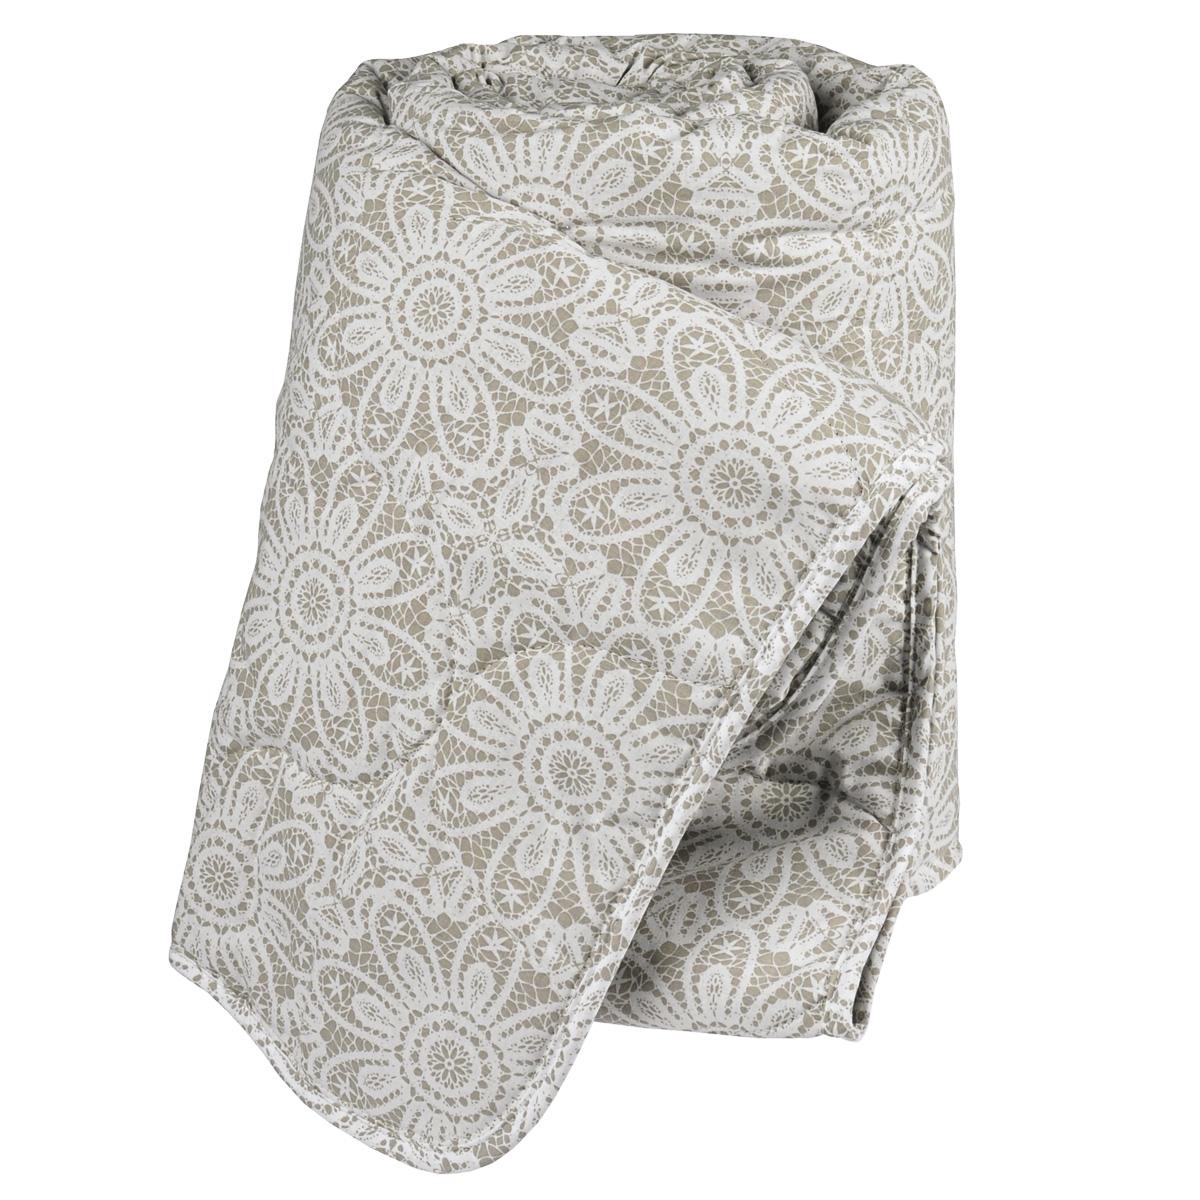 Одеяло Green Line Лен, наполнитель: льняное волокно, 140 см х 205 см подушка green line лен наполнитель льняное волокно 70 х 70 см